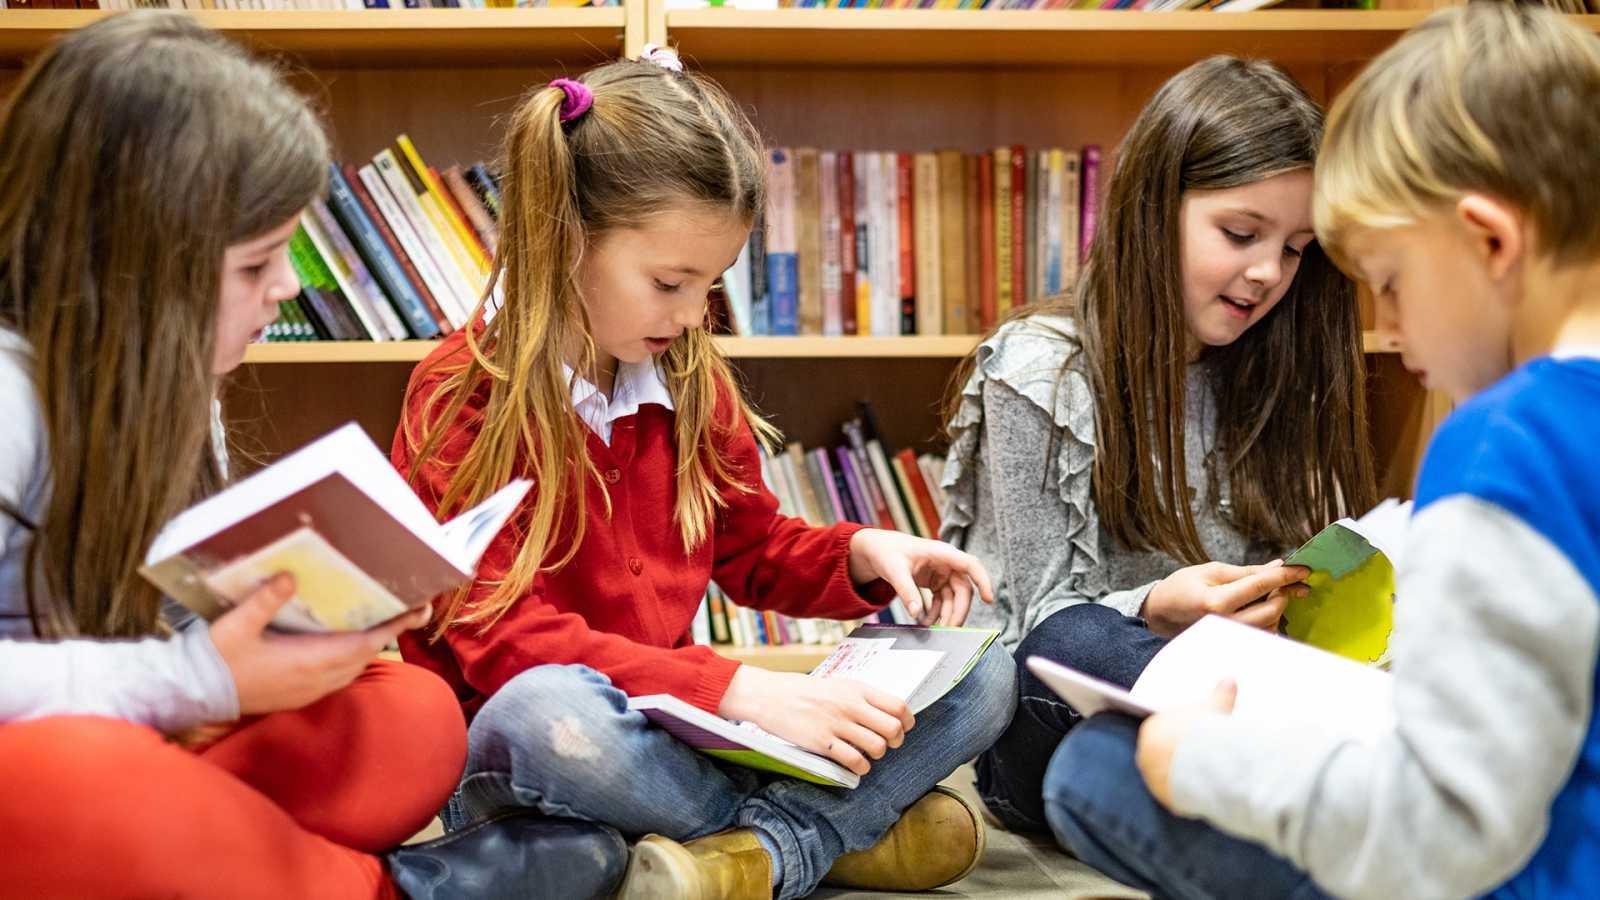 Artesfera - ¿Qué leen los jóvenes? Celebramos el Día del Libro en el colegio - 23/04/21 - escuchar ahora